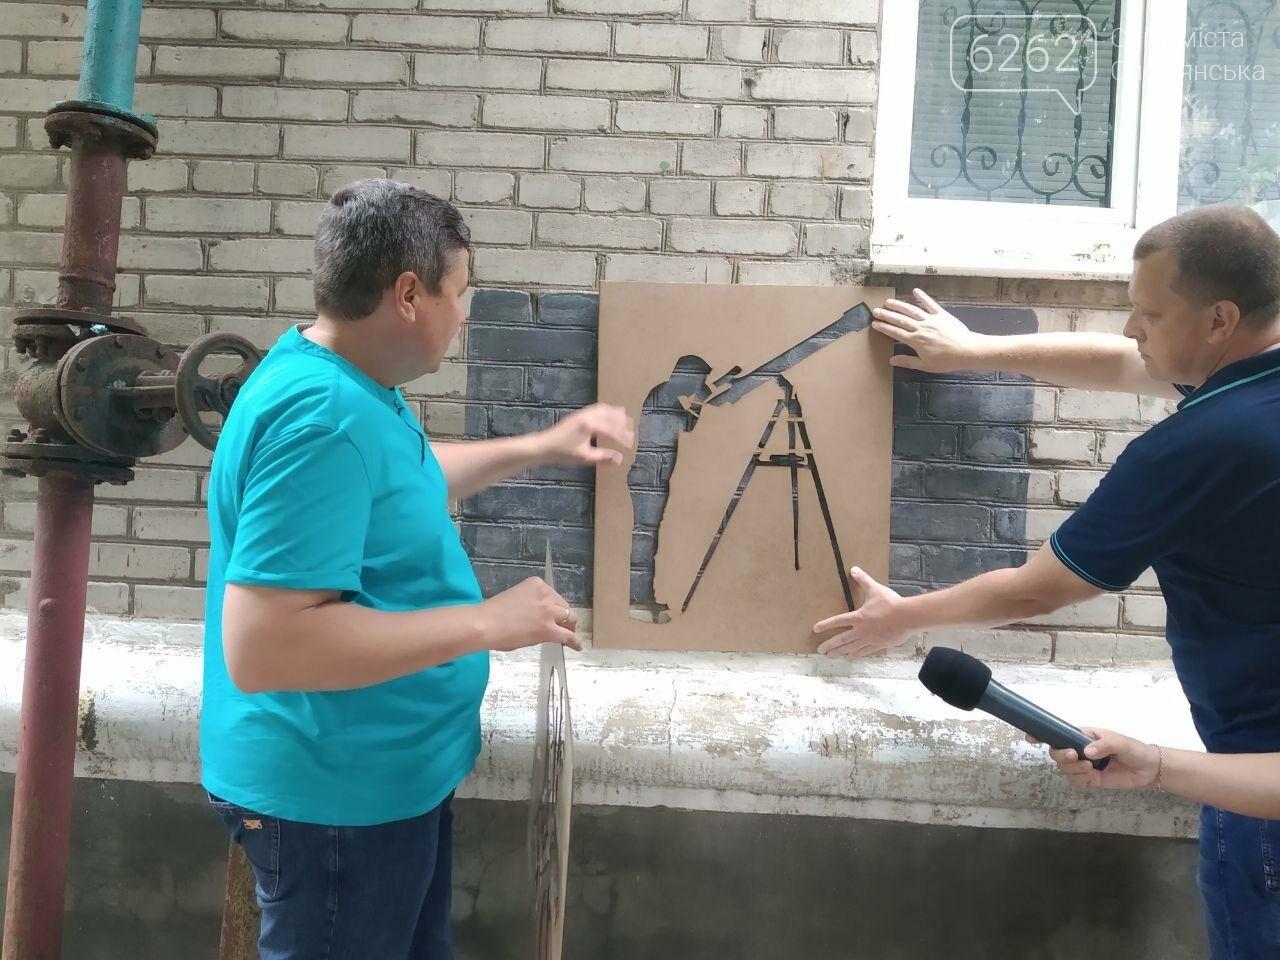 В Славянске рекламу наркотиков перекрывали рисунками, фото-5